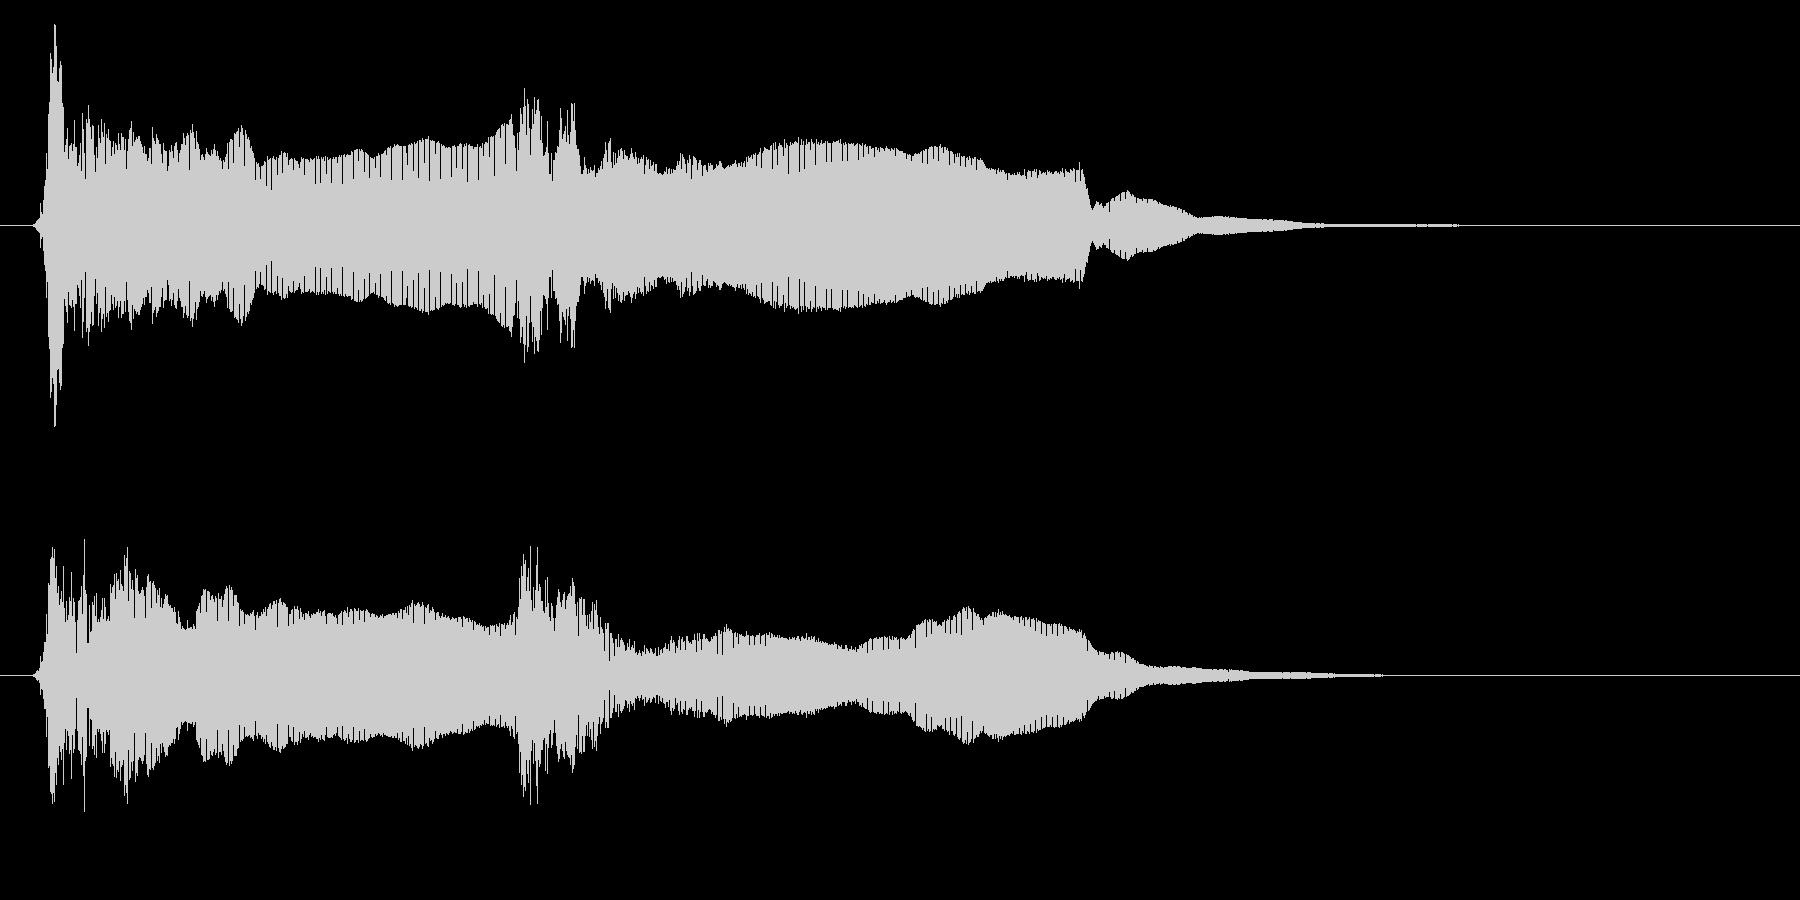 法螺貝01-1の未再生の波形